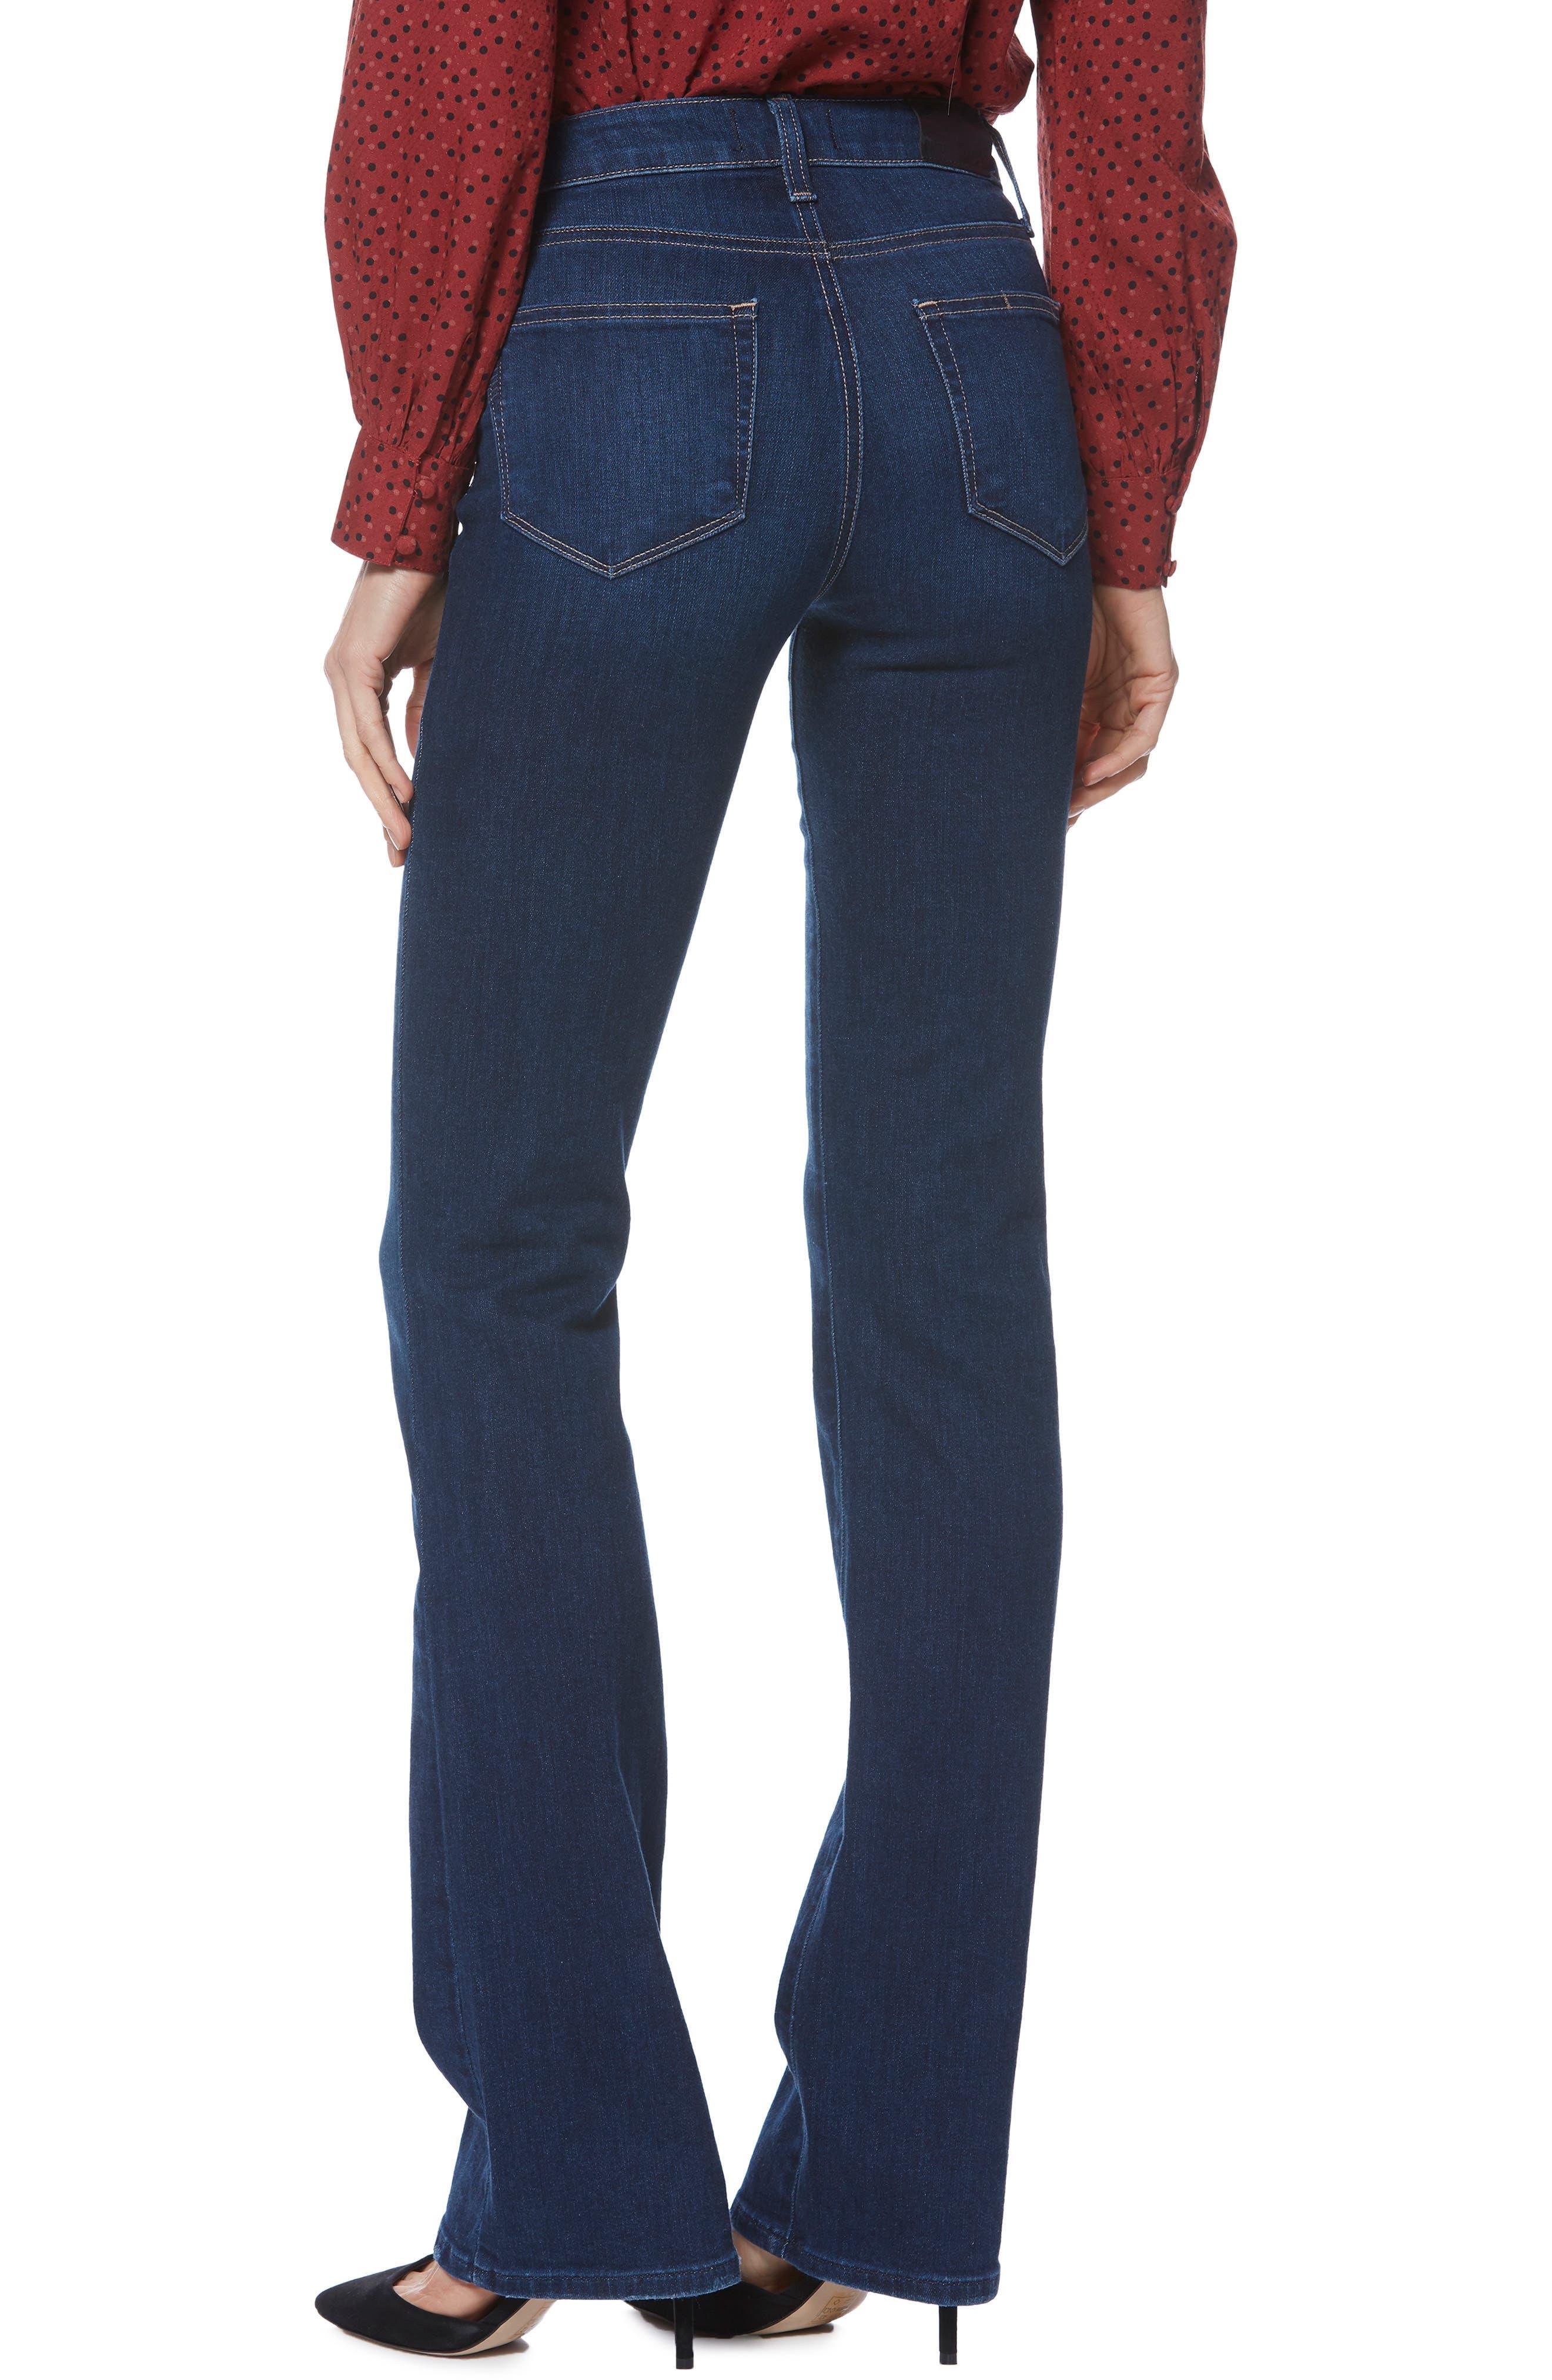 PAIGE, Transcend Vintage - Manhattan Bootcut Jeans, Alternate thumbnail 2, color, 400